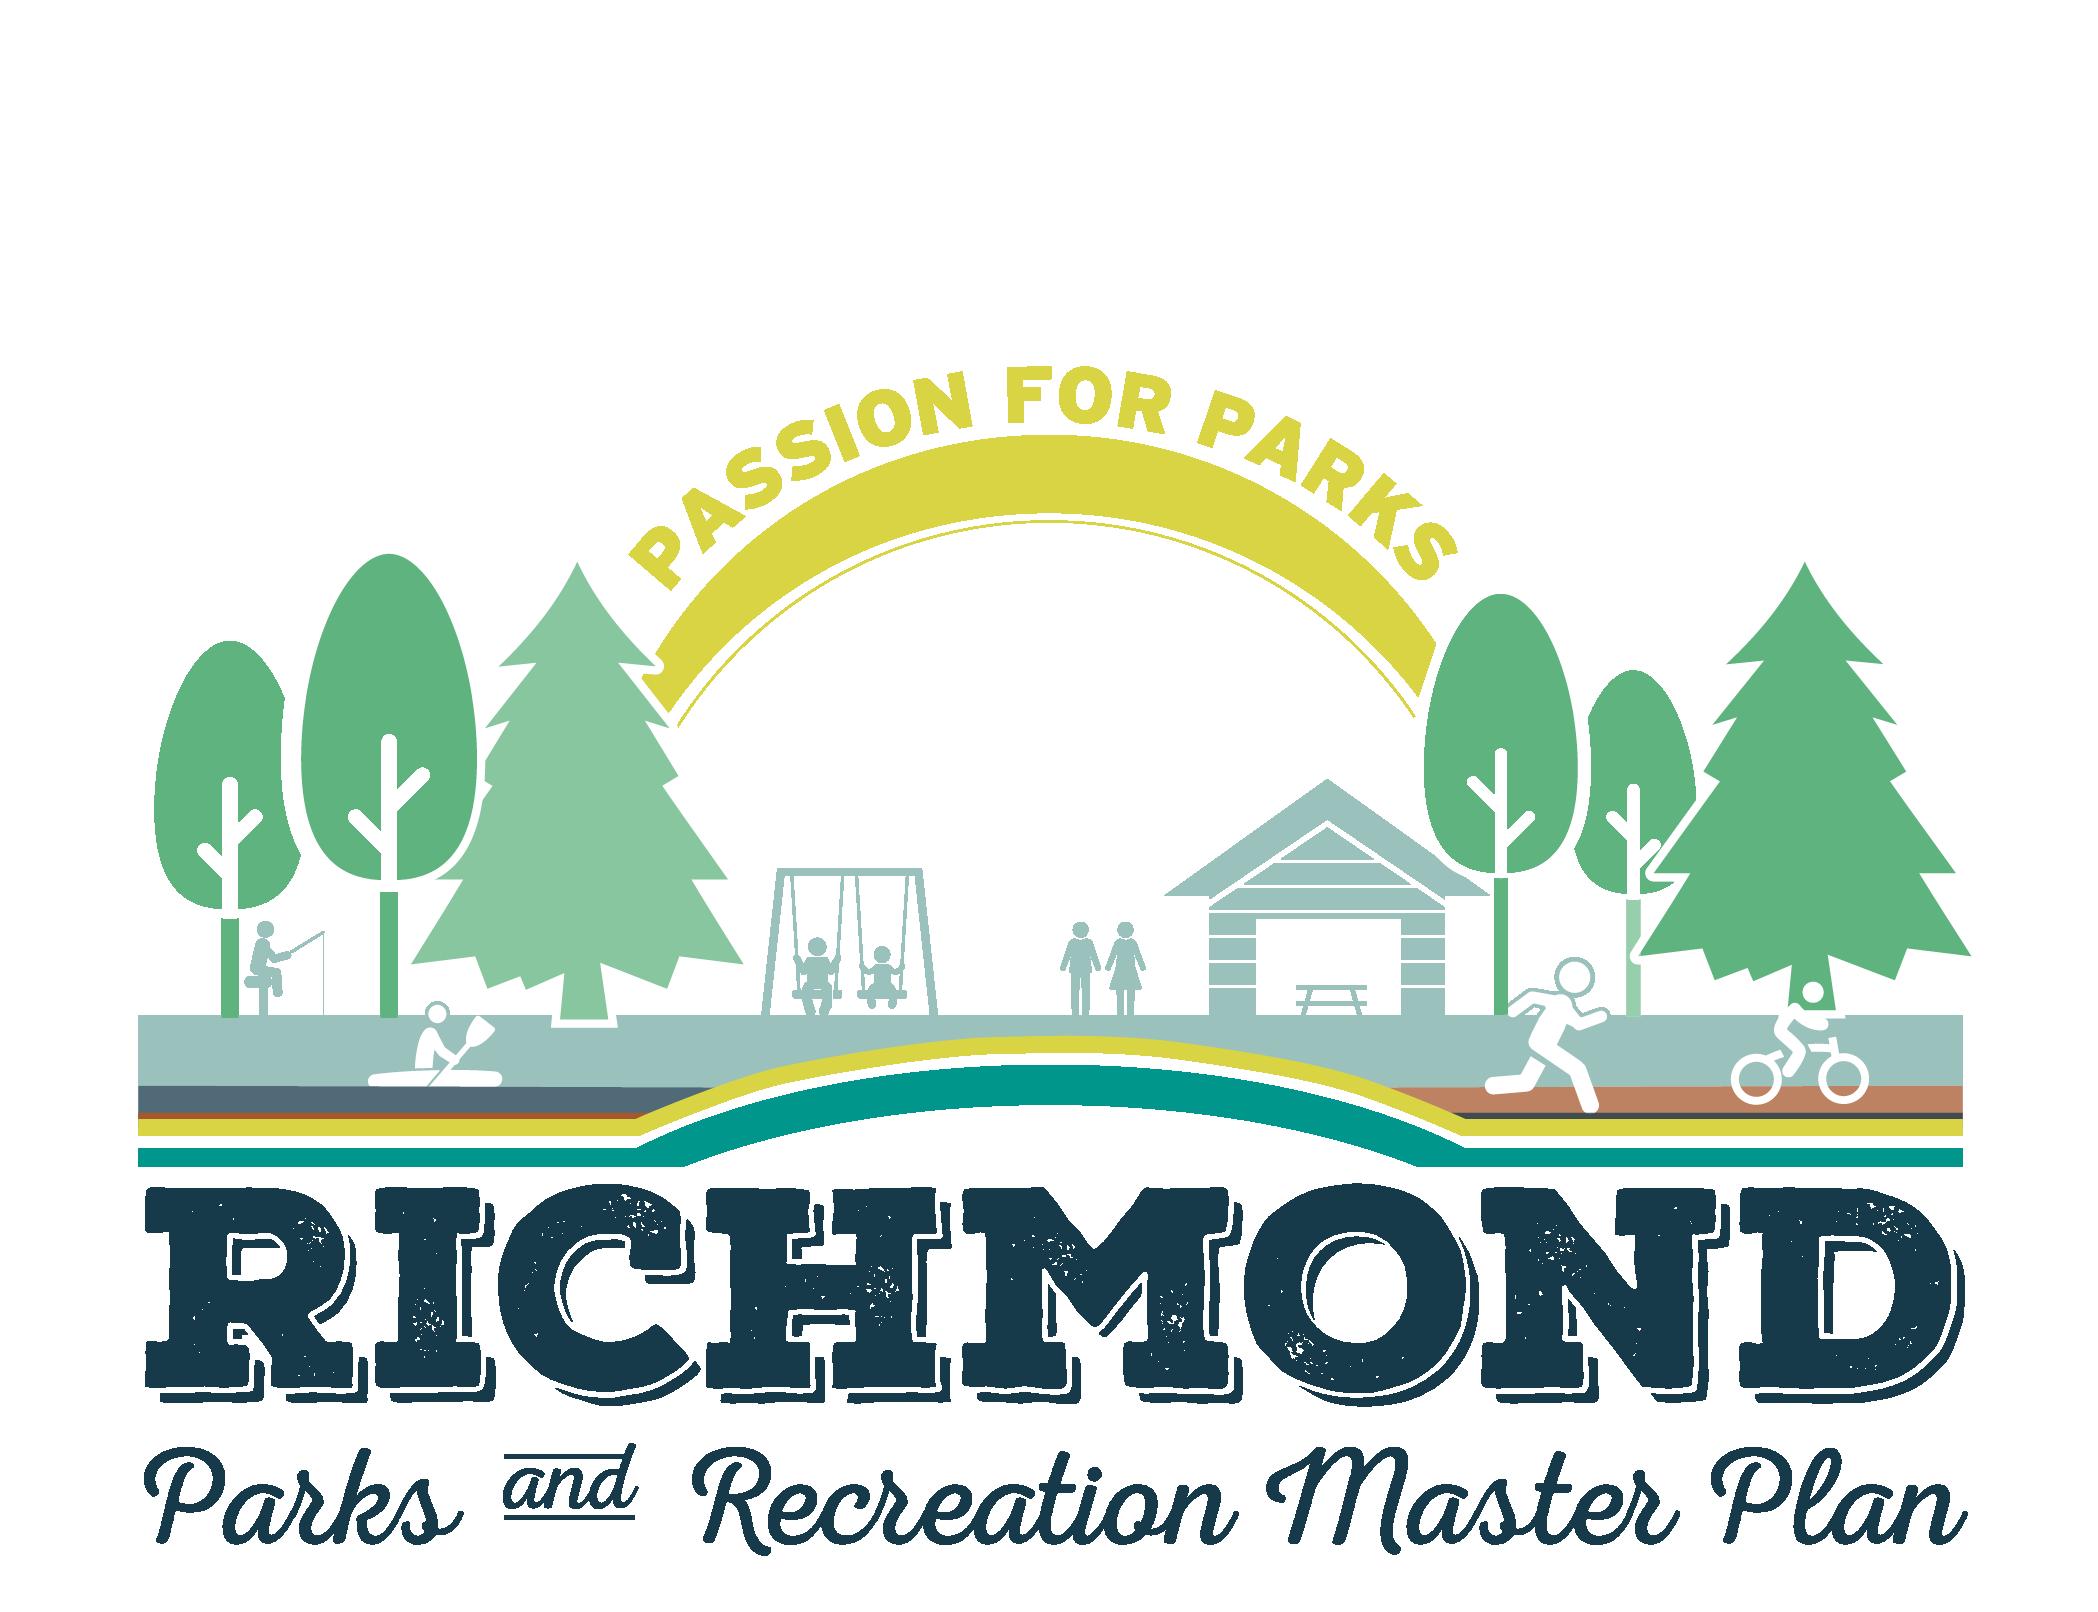 Parks Master Plan Website